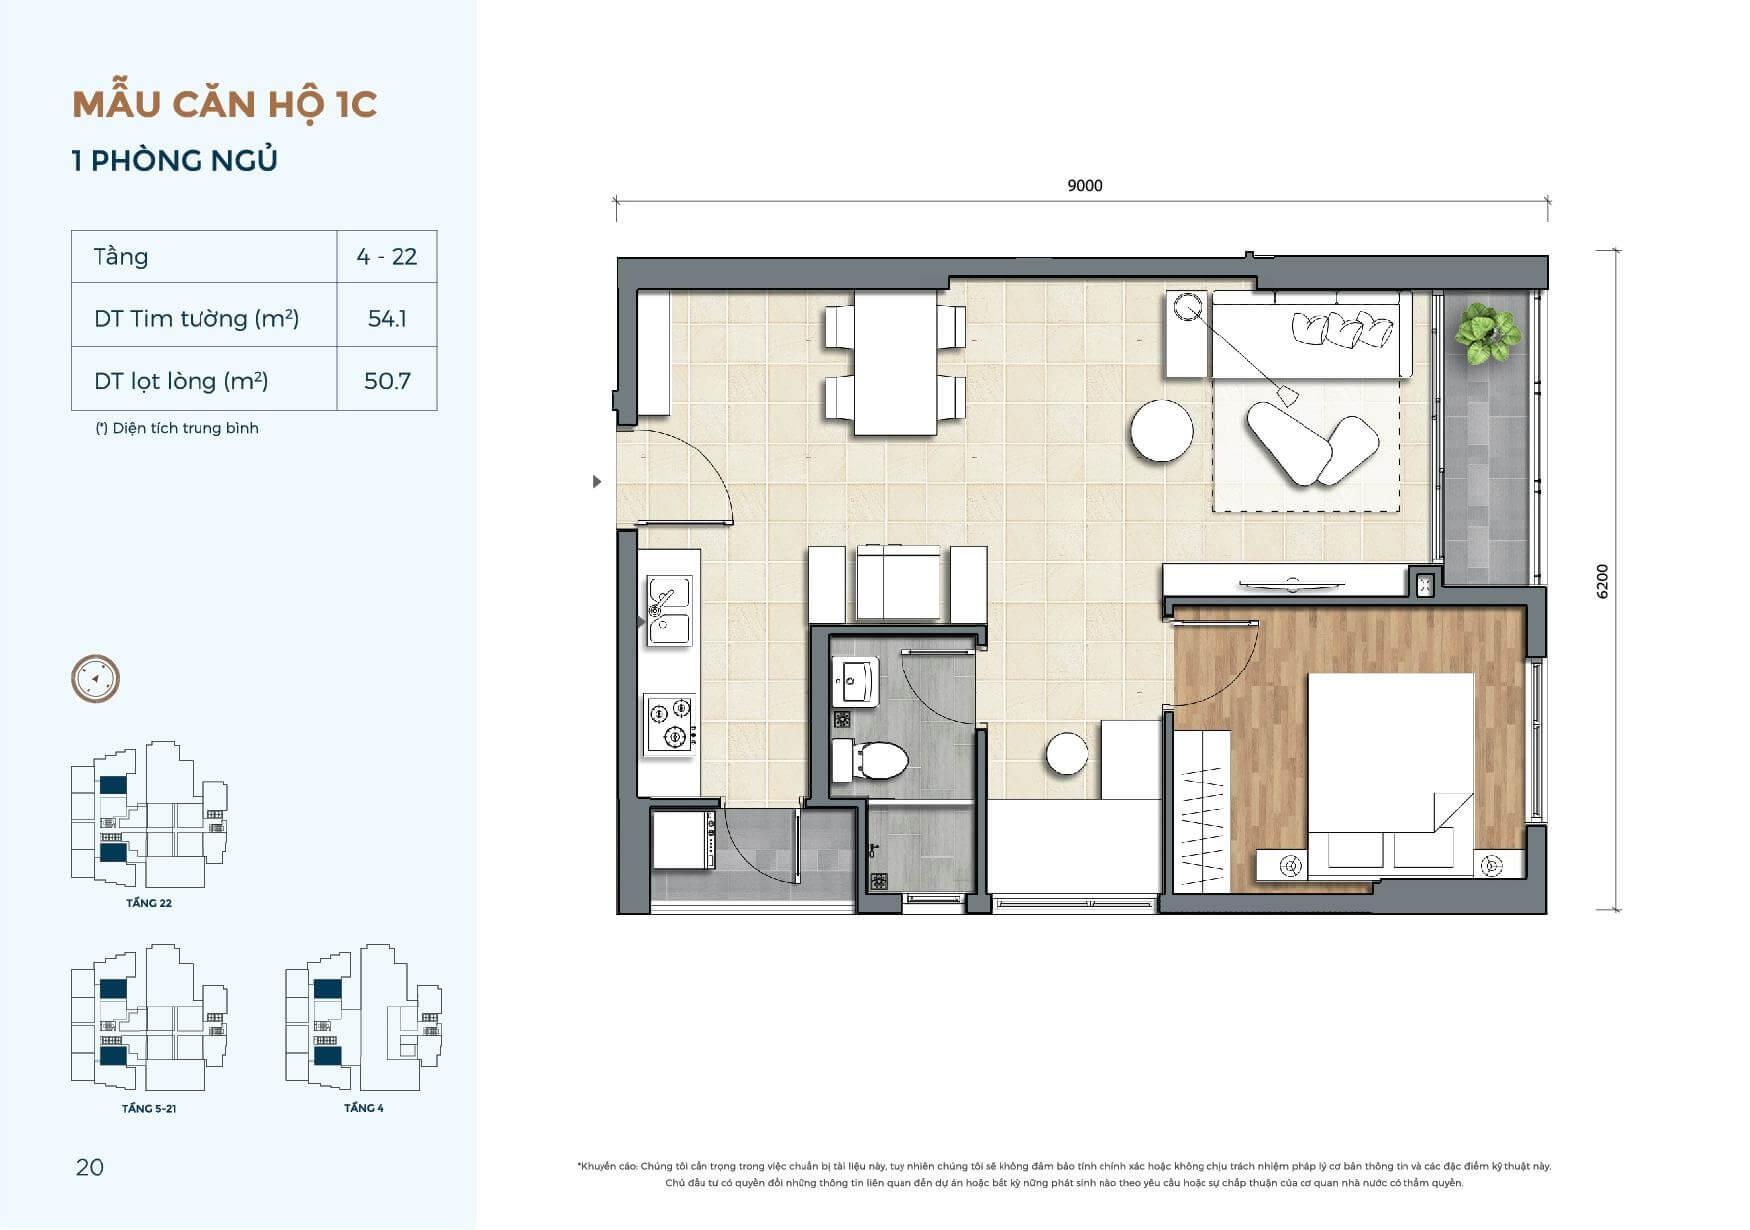 căn hộ chung cư 1 phòng ngủ Precia An Phú Quận 2